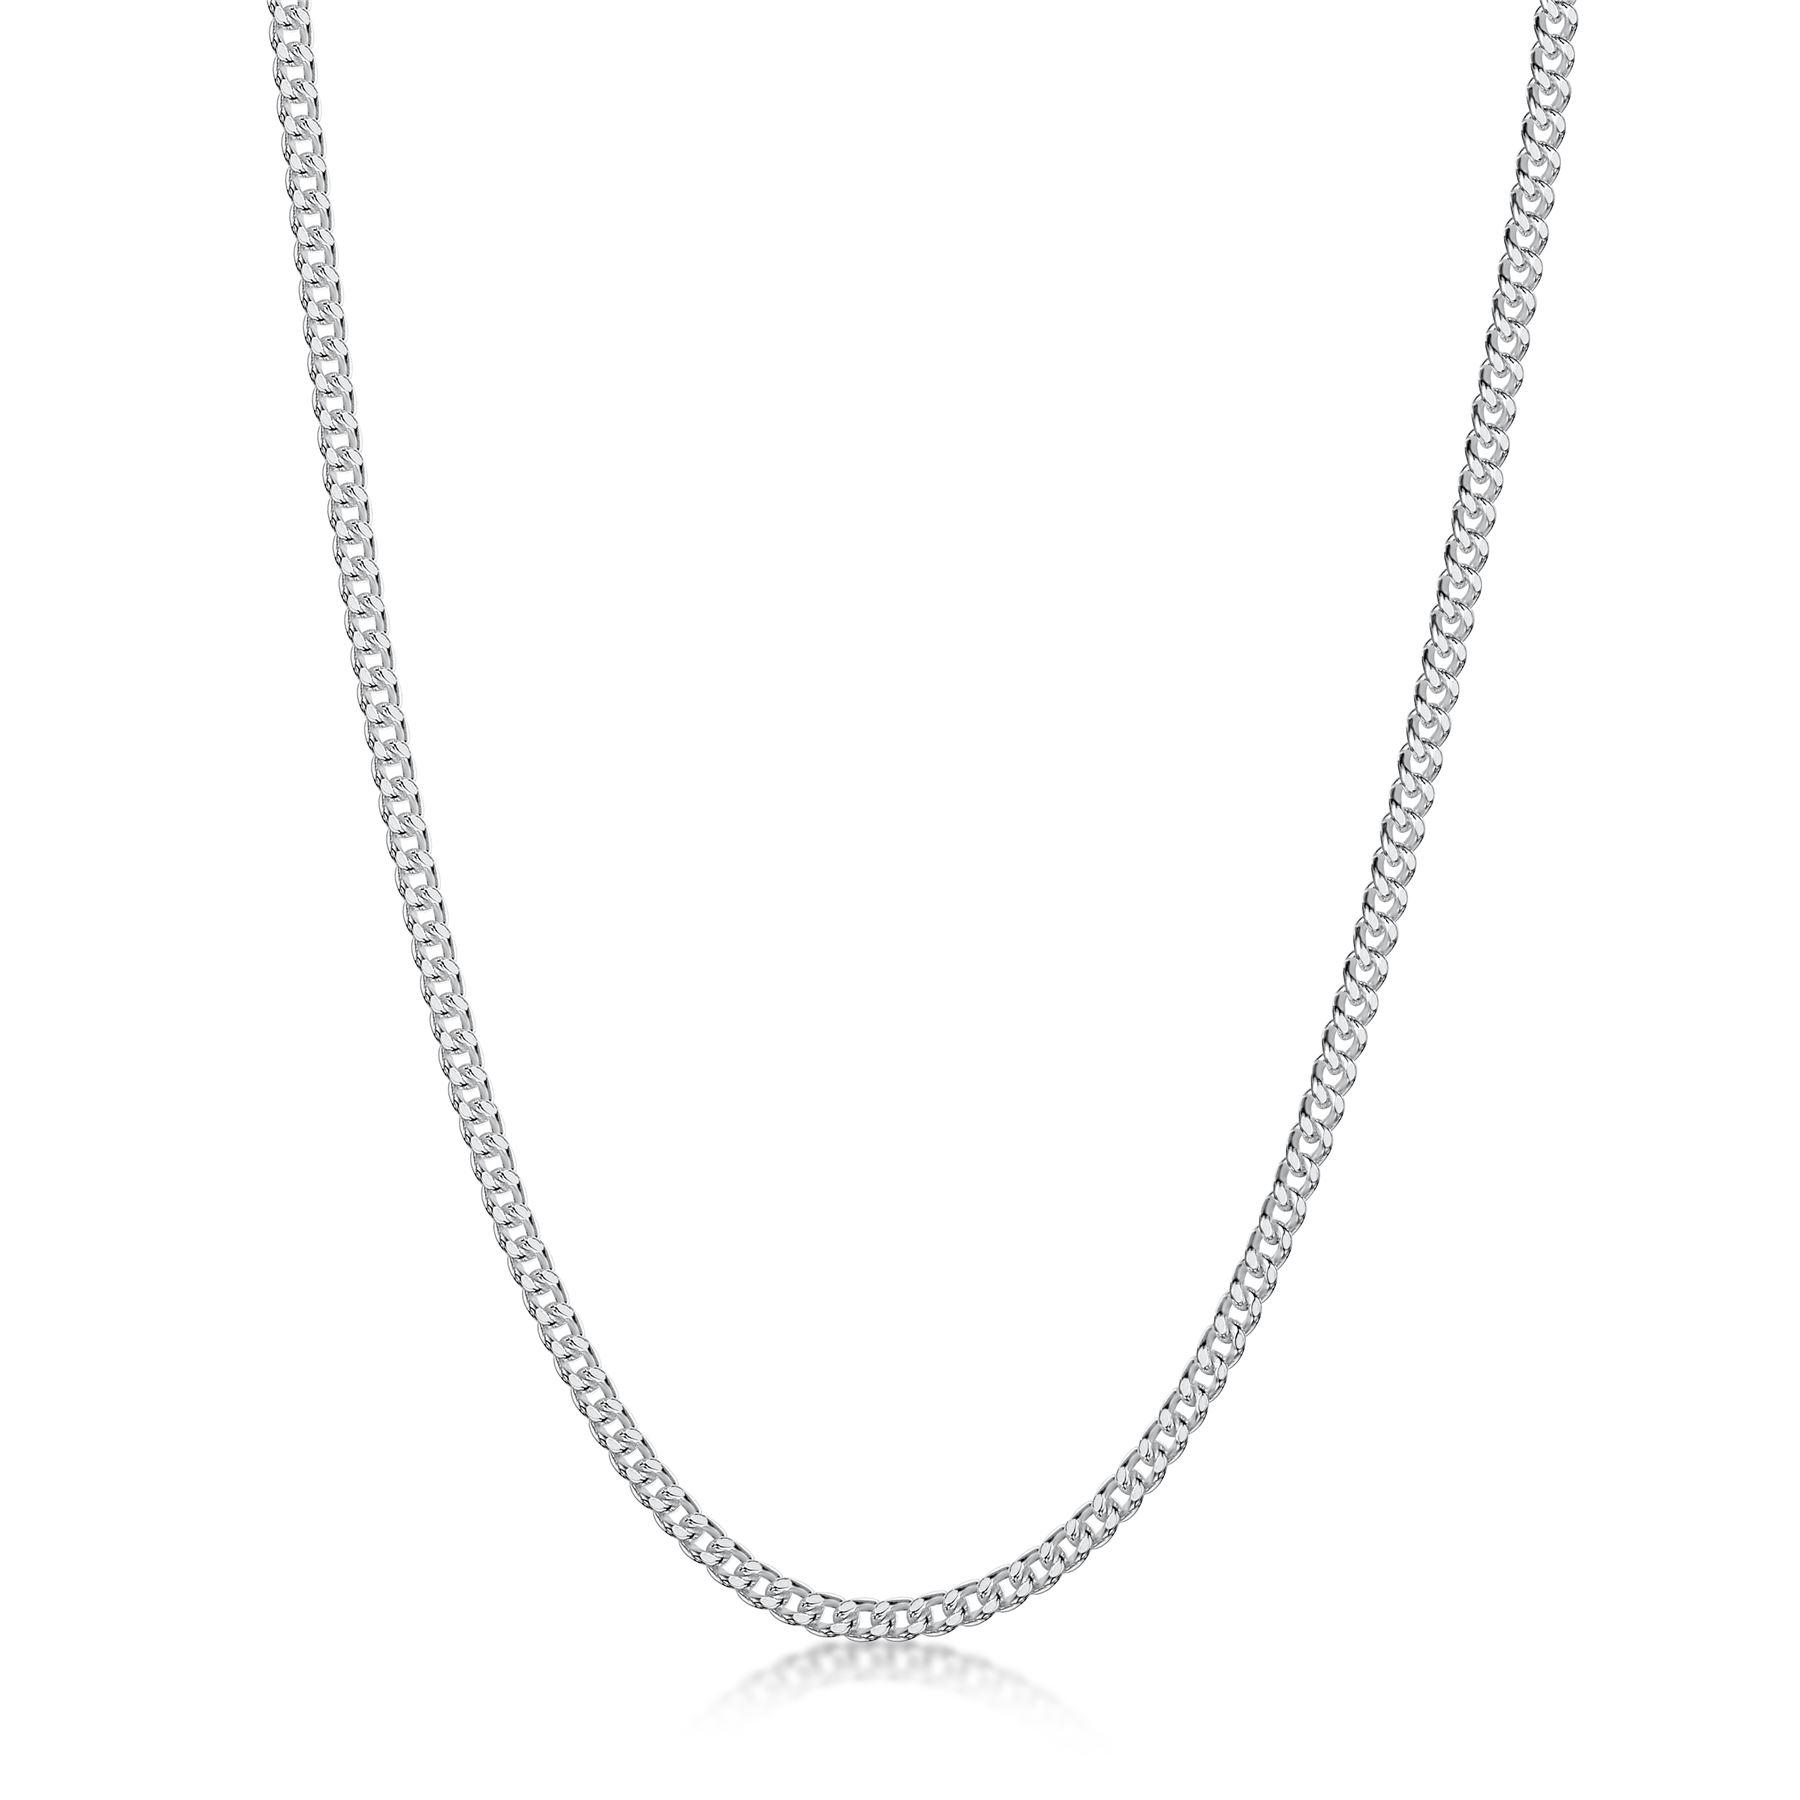 Amberta-Collar-en-Plata-De-Ley-925-Autentica-Cadena-para-Mujer-y-Hombre-Italiana miniatura 81